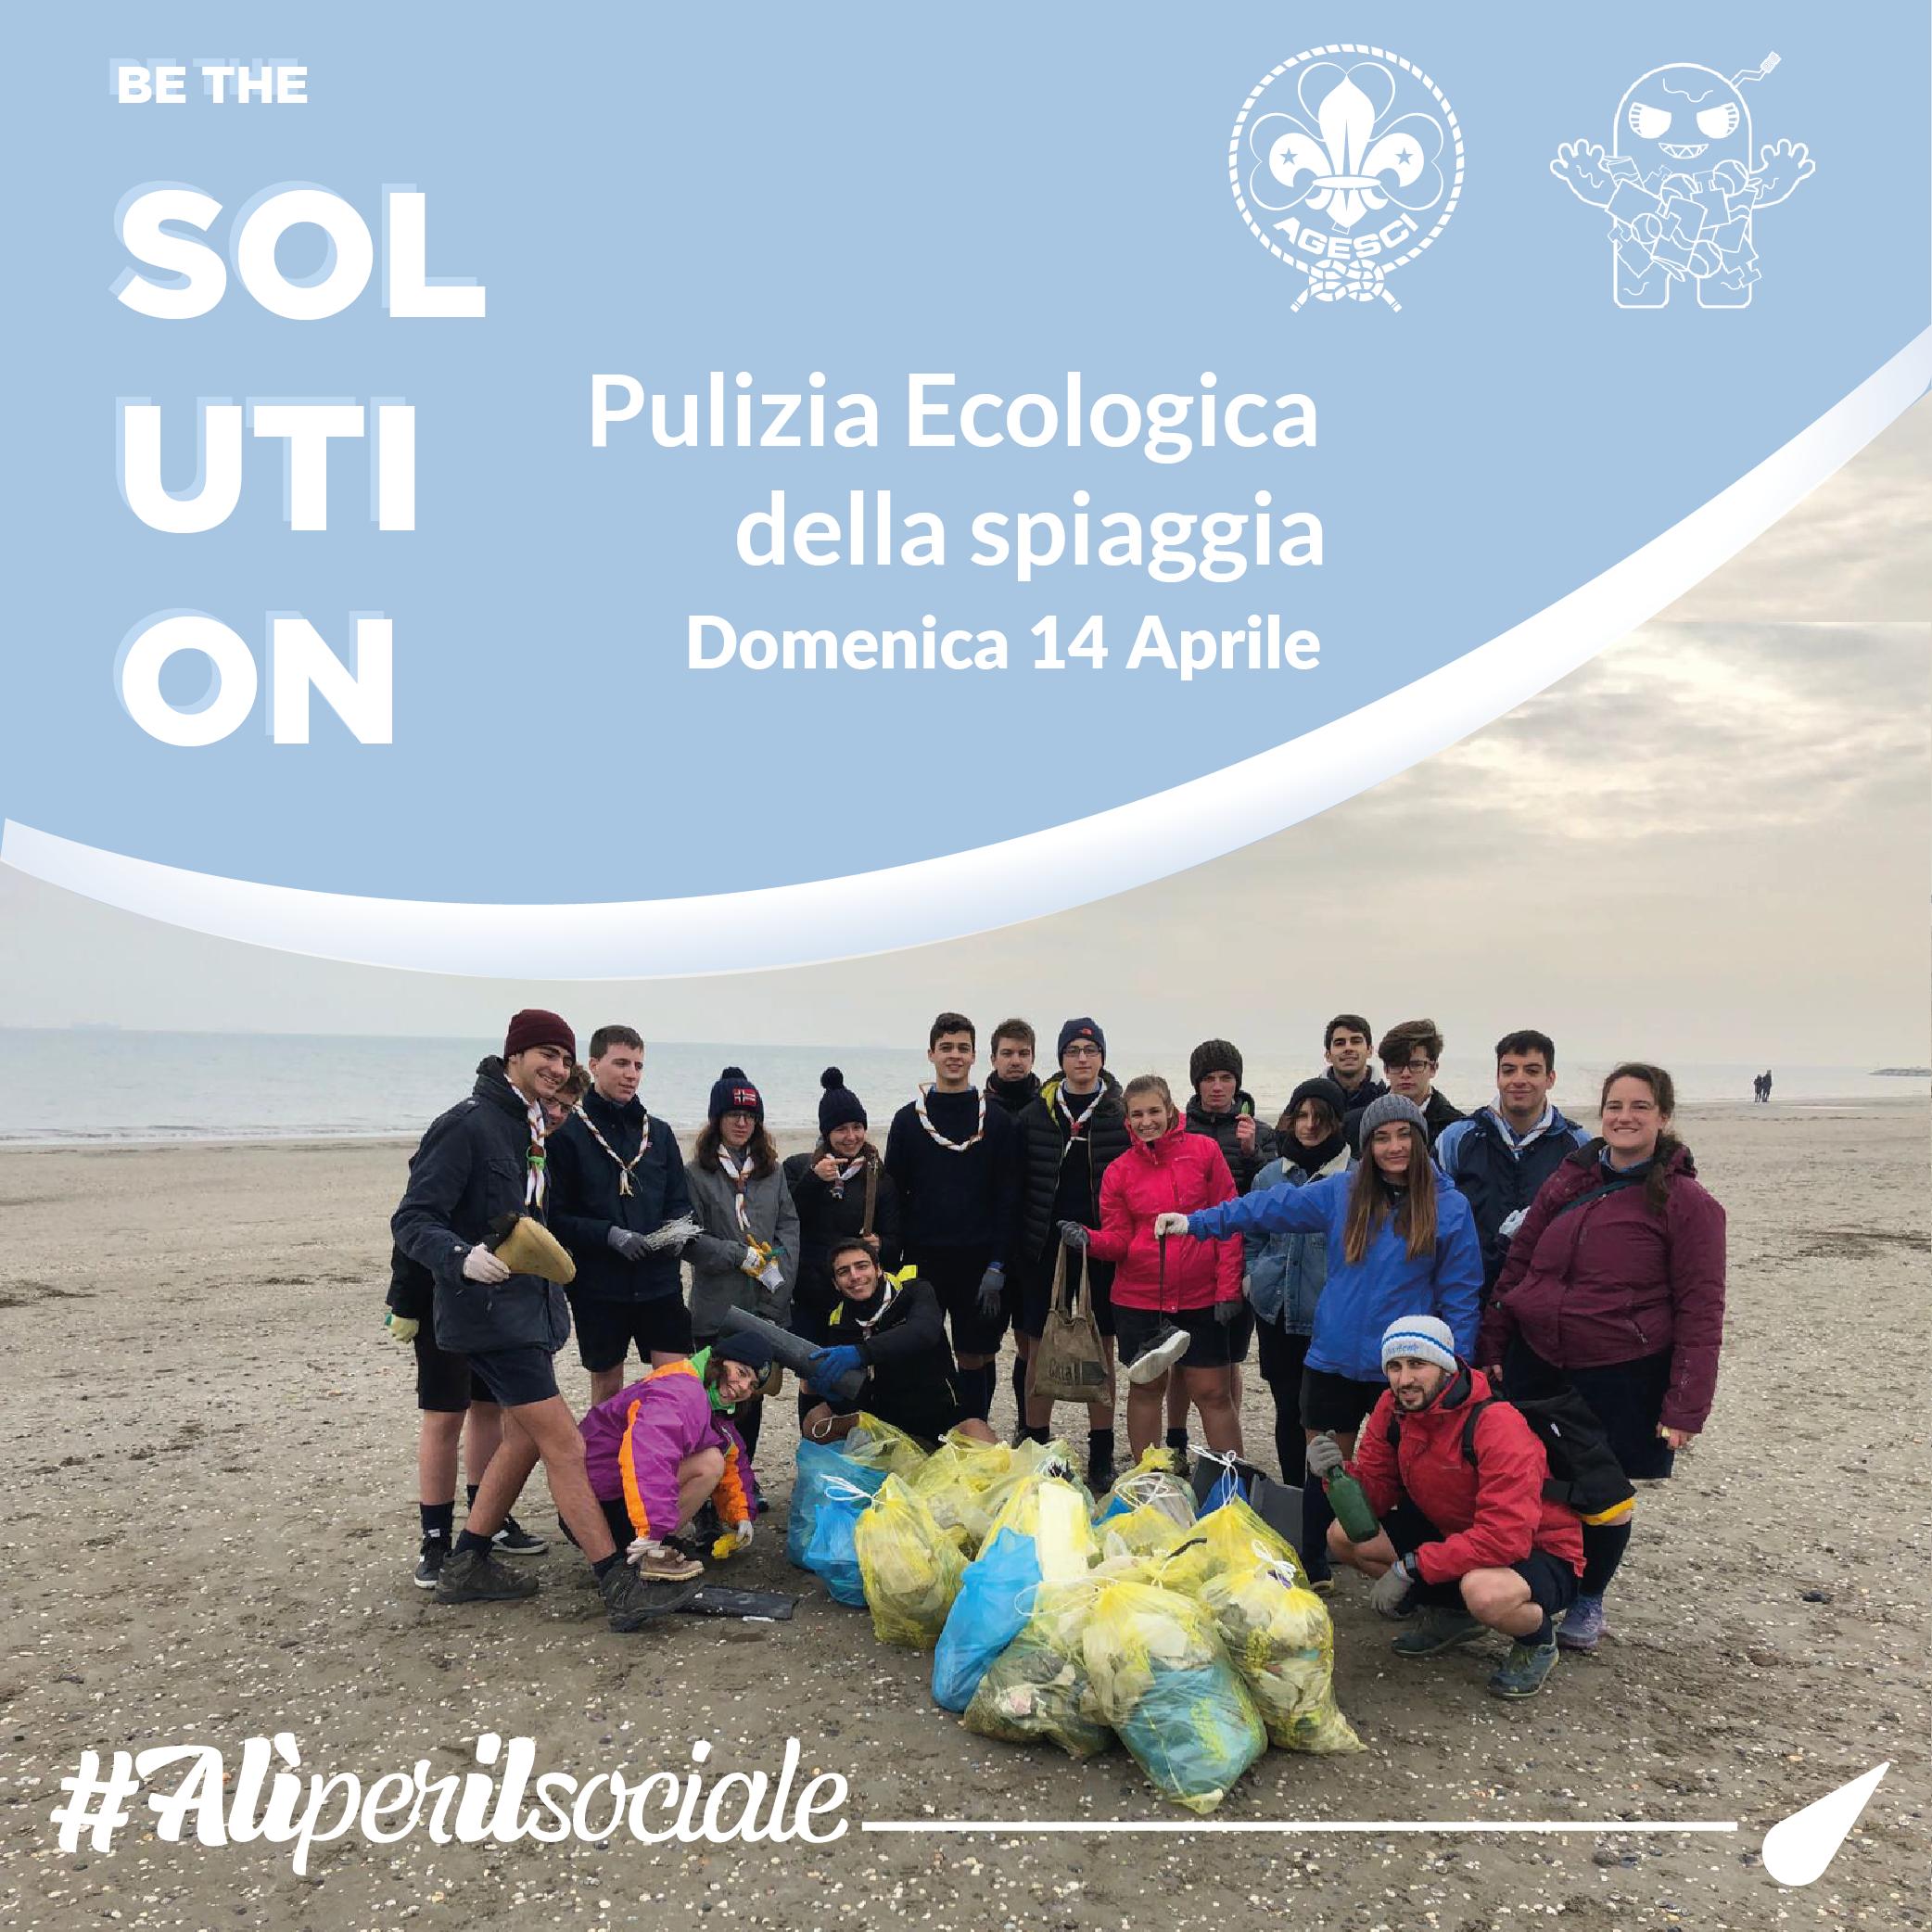 *AGGIORNAMENTO* Andiamo a ripulire le spiagge con gli Scout -14 aprile